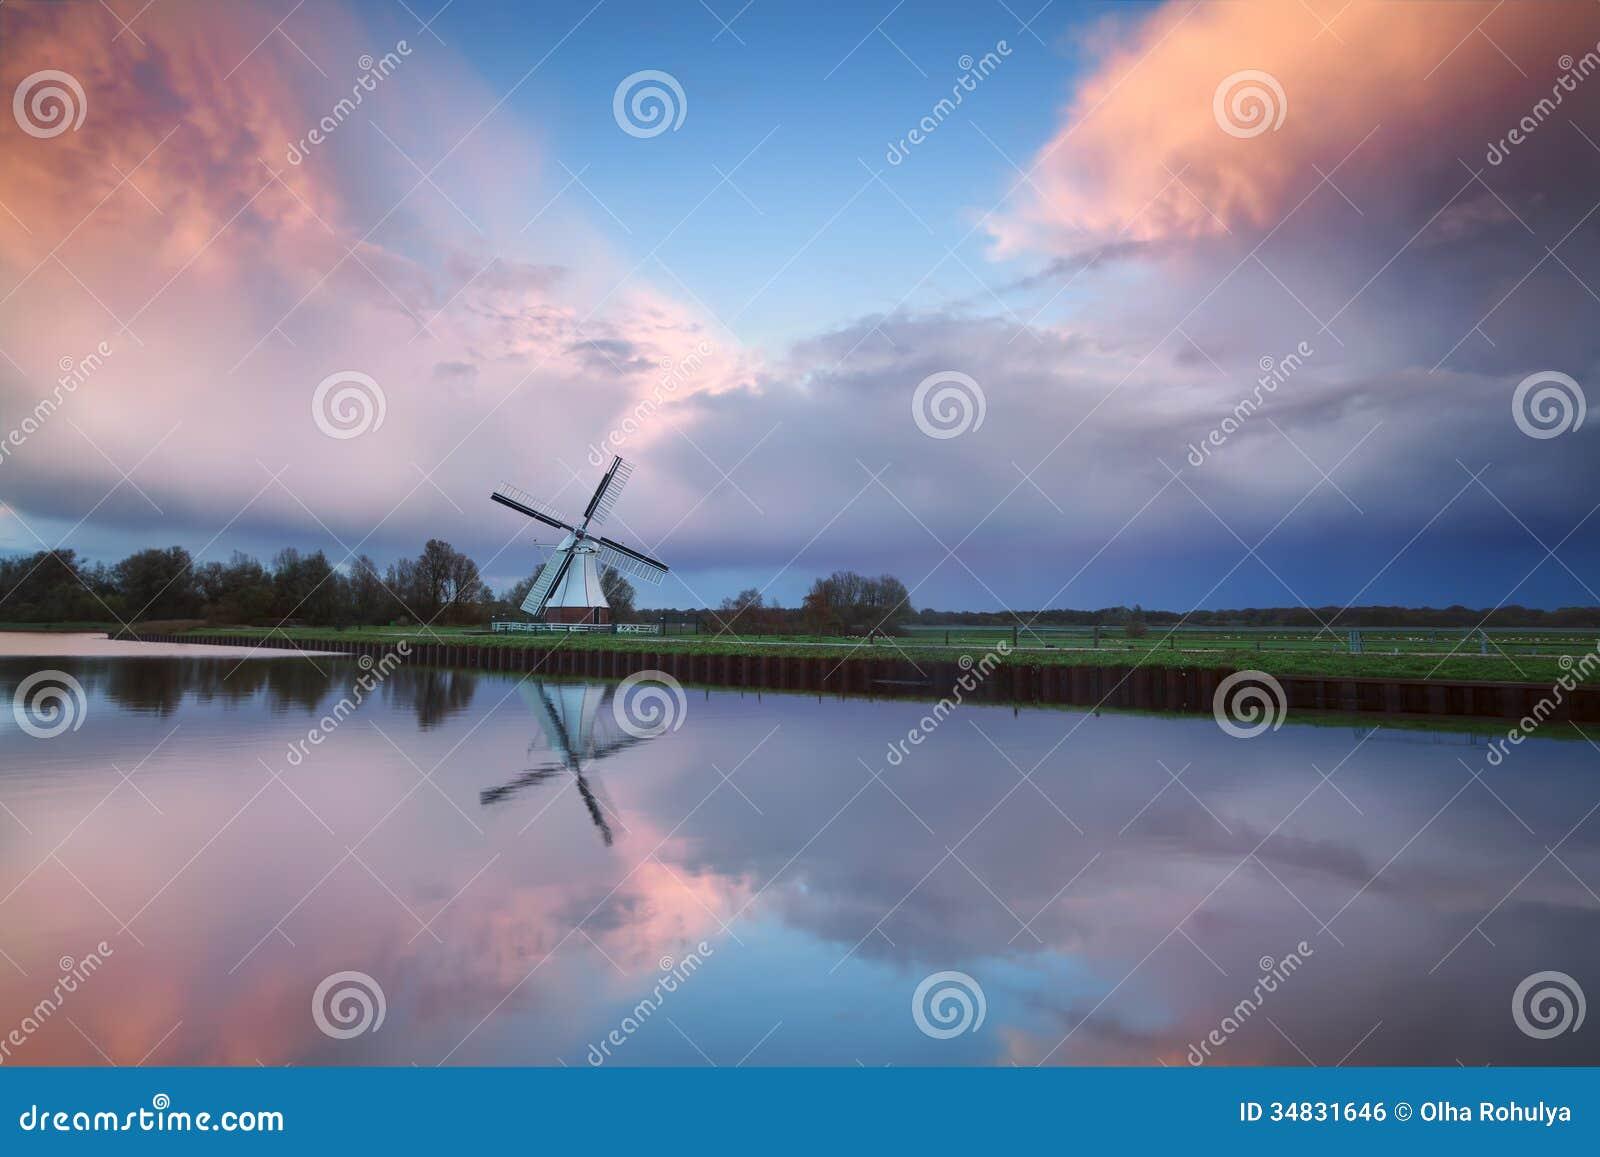 Citaten Over Zonsondergang : Mooie zonsondergang over nederlandse windmolen door rivier